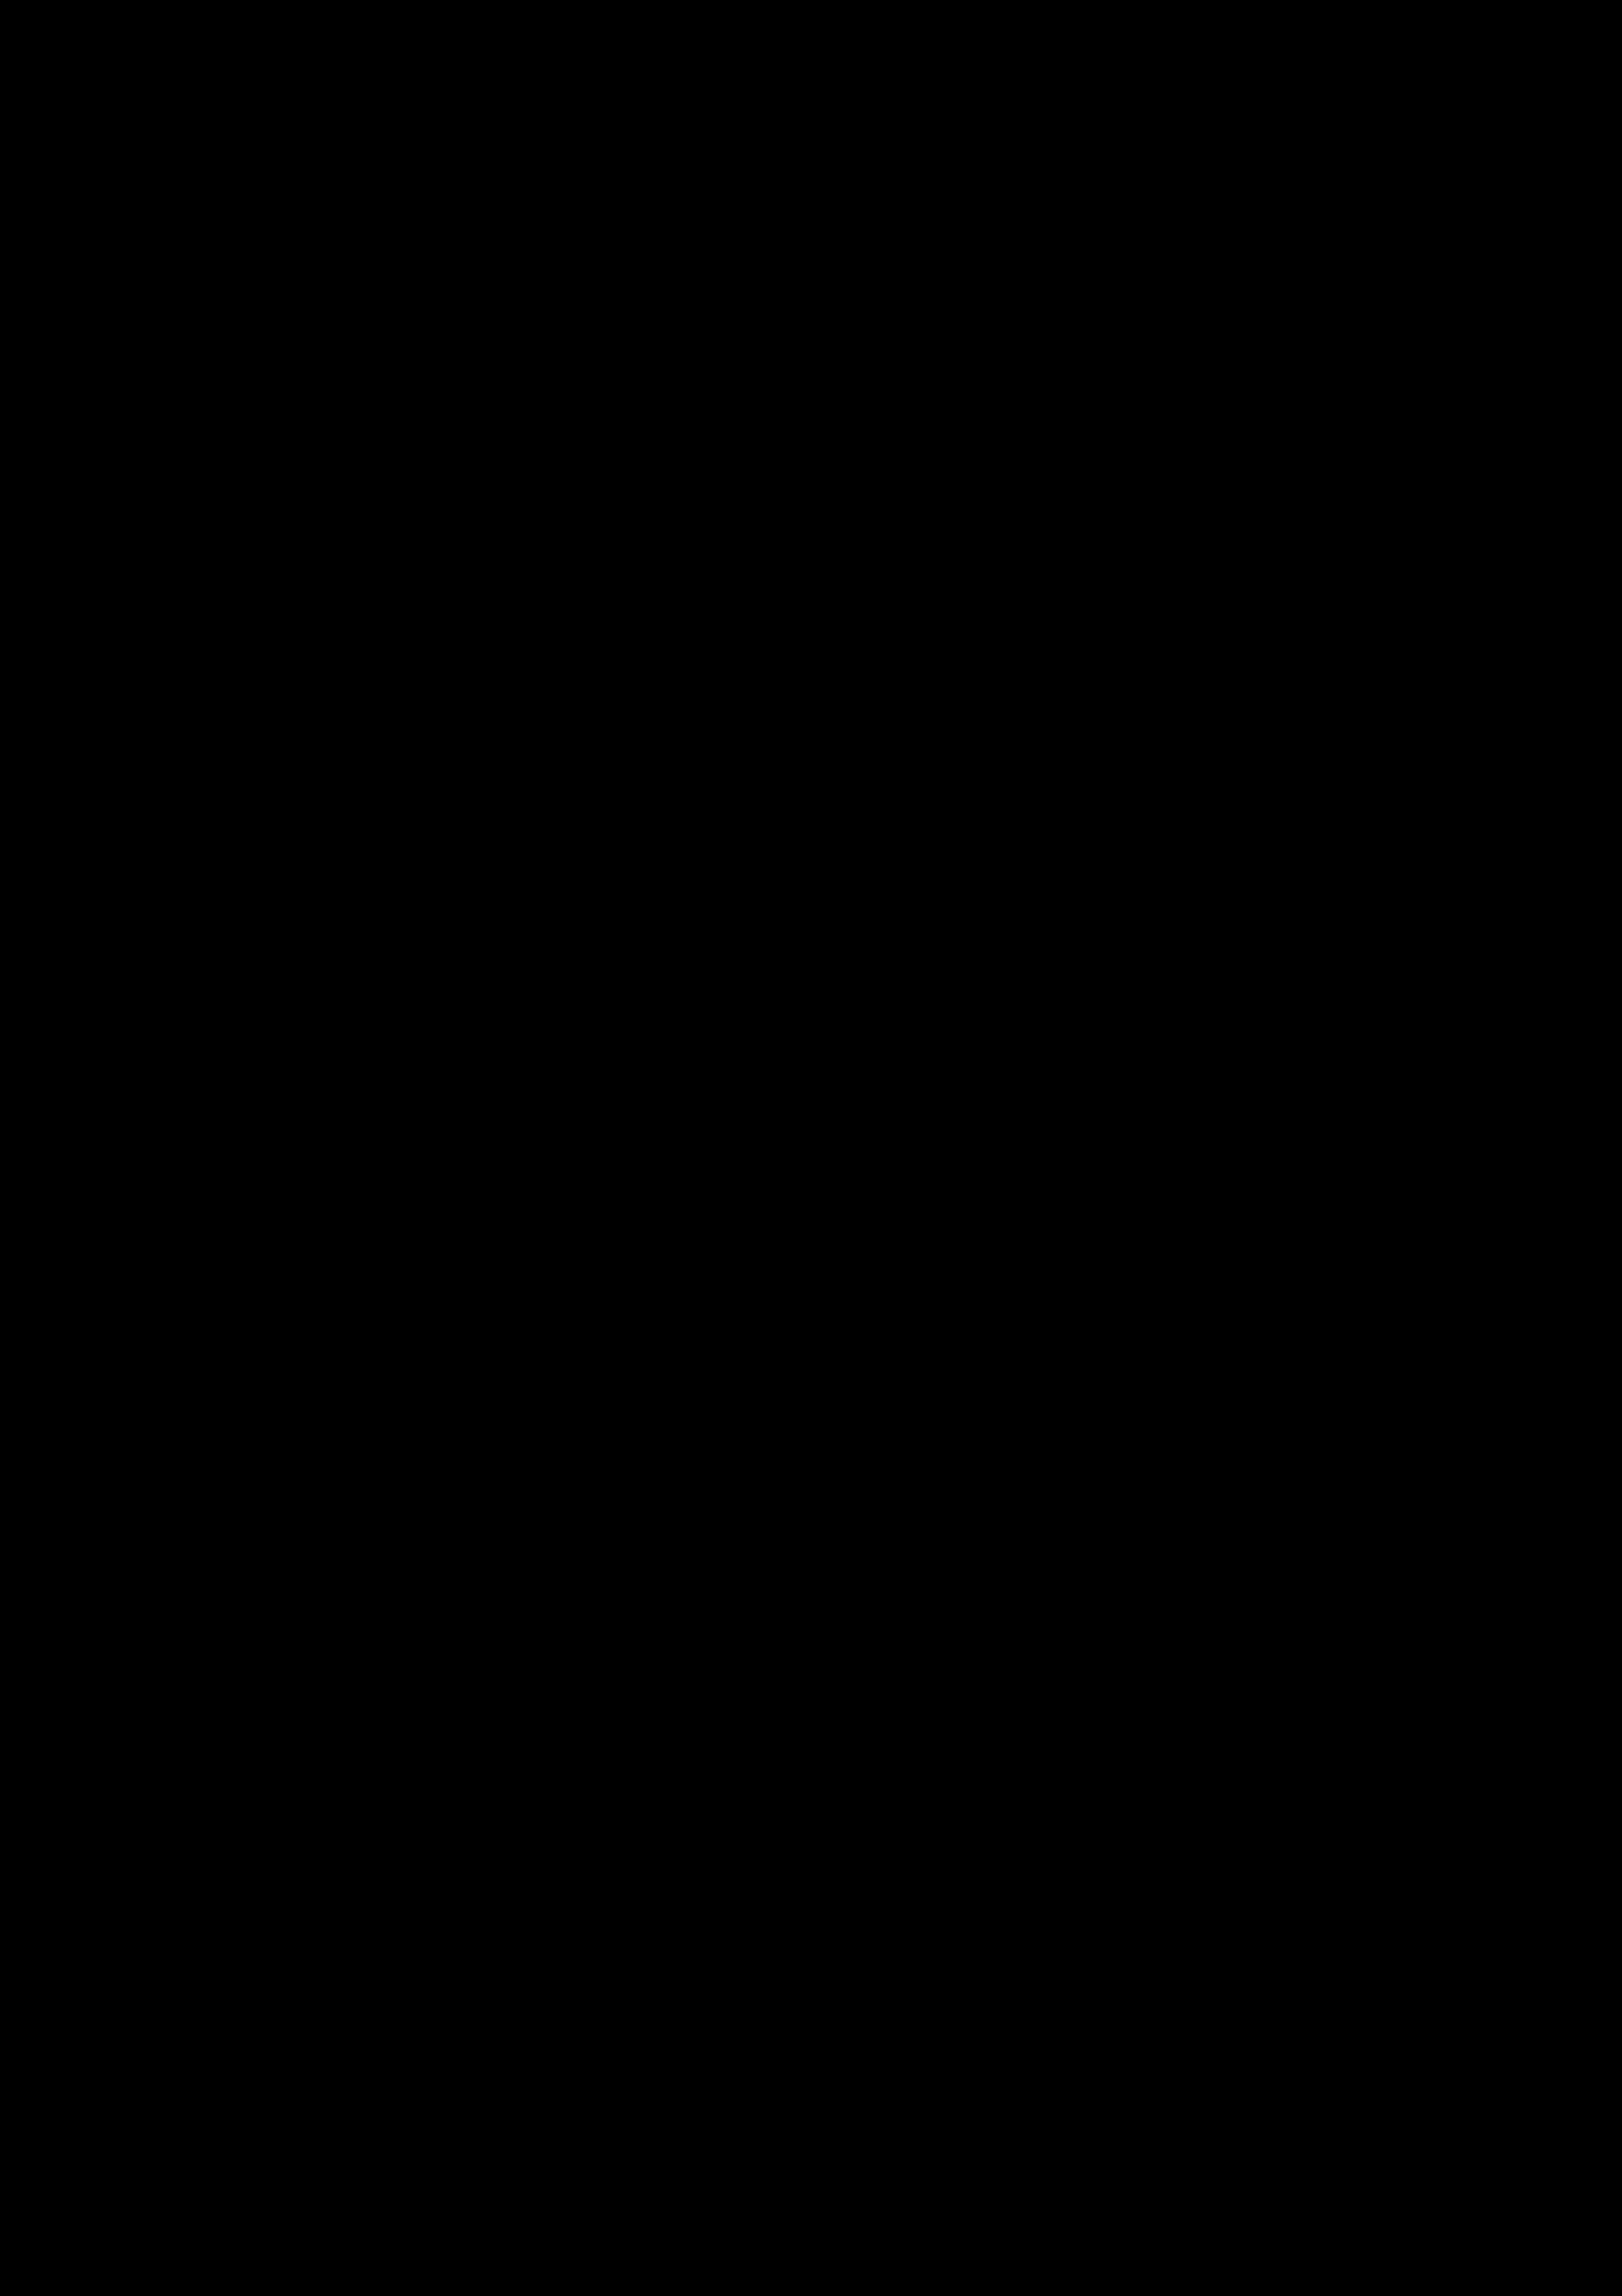 SB Extra 2019_Sandebeck_Erkundung_Christiane Limper_Einladung